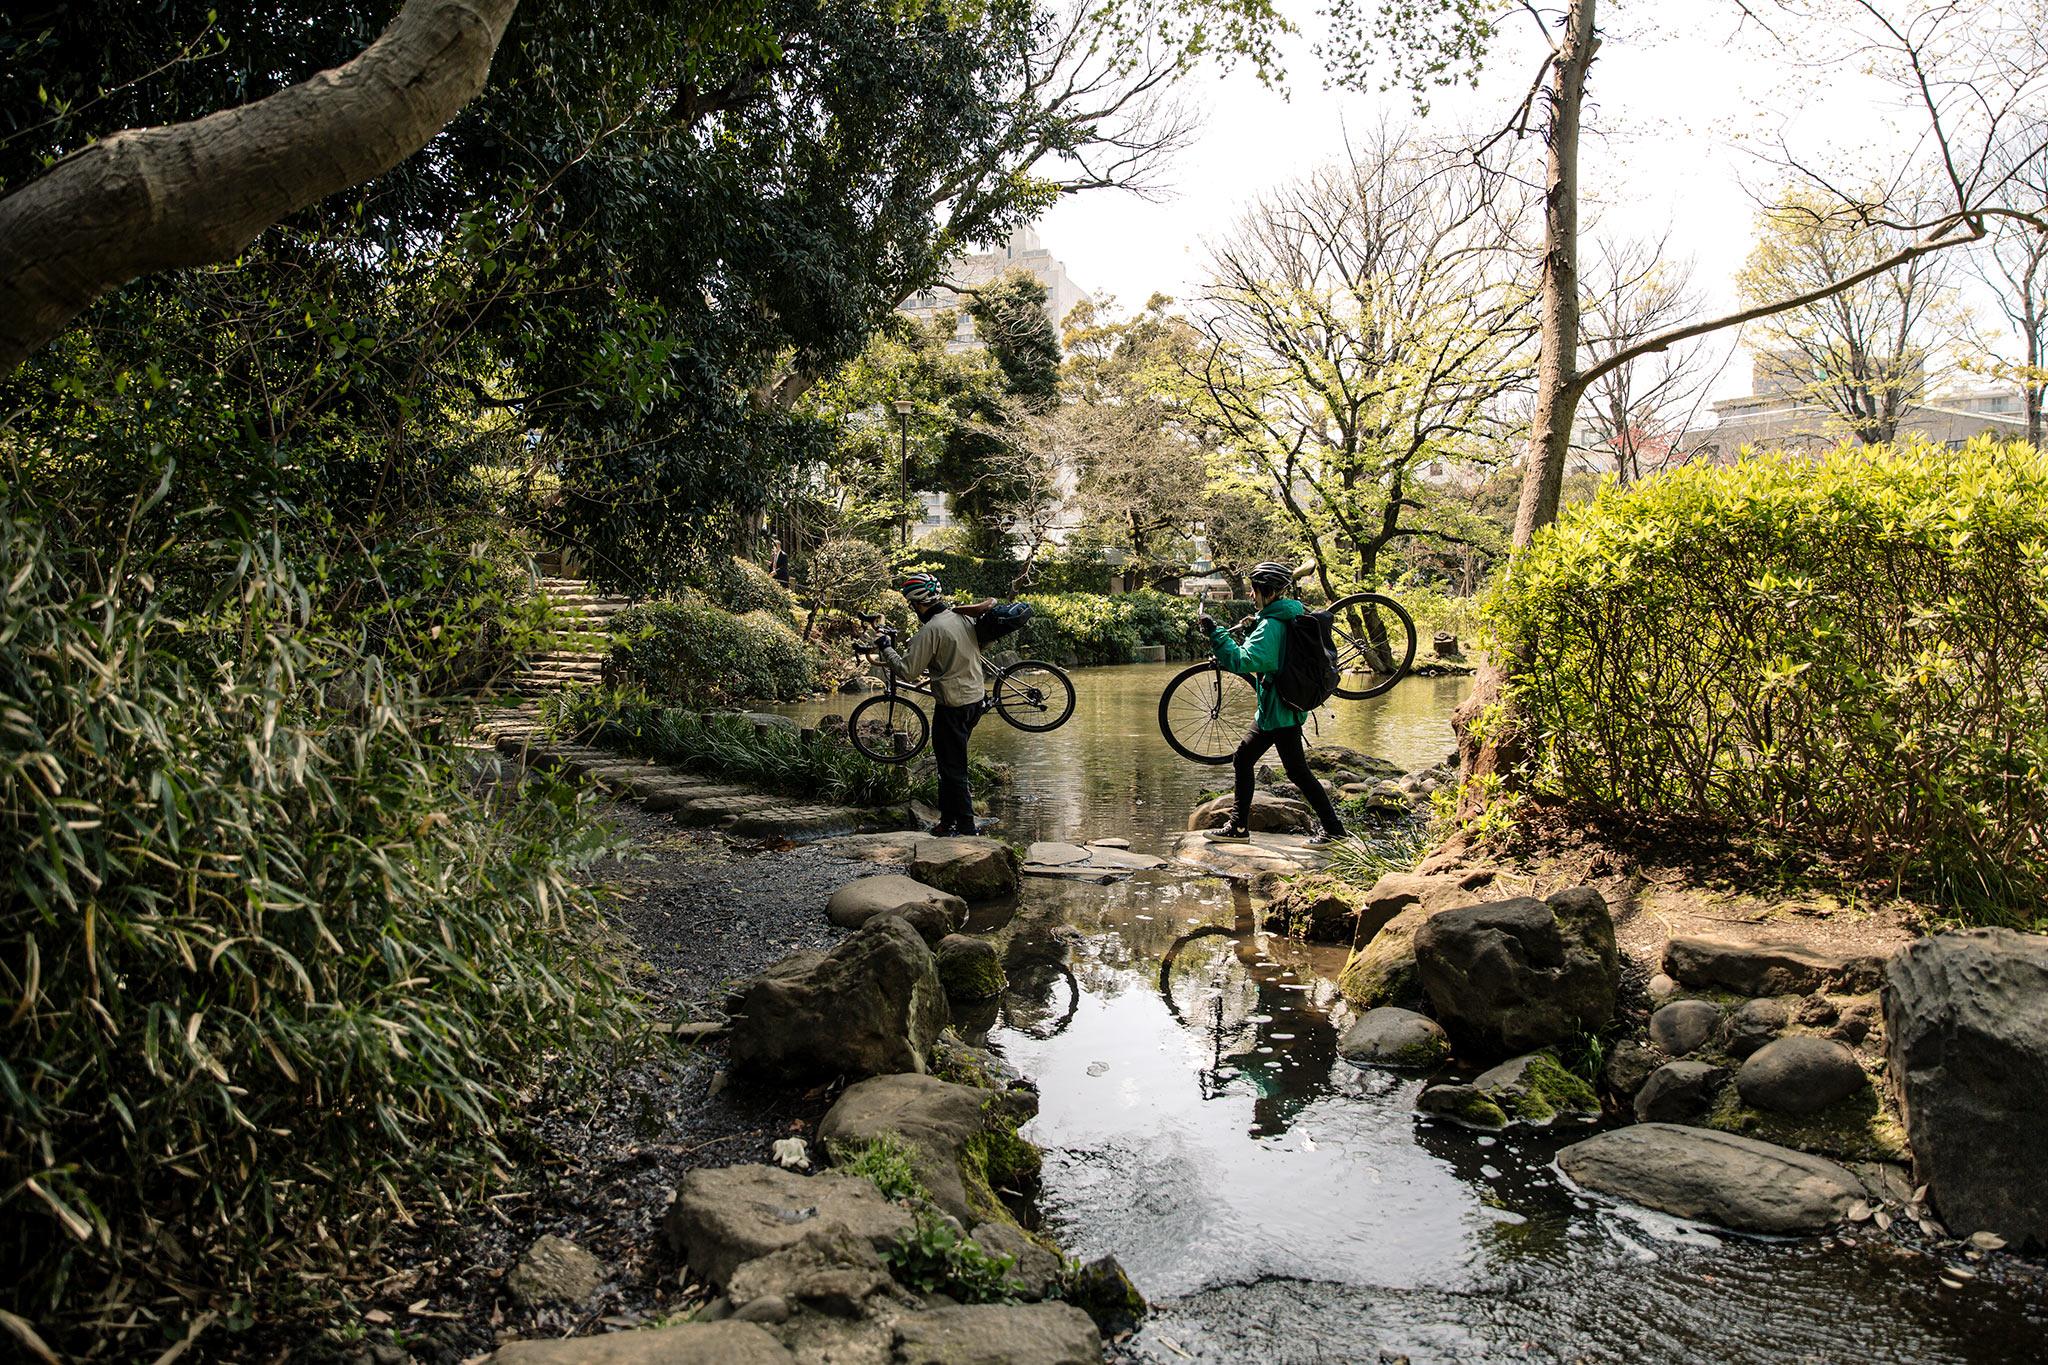 Strava: Tokyo Tree Trek